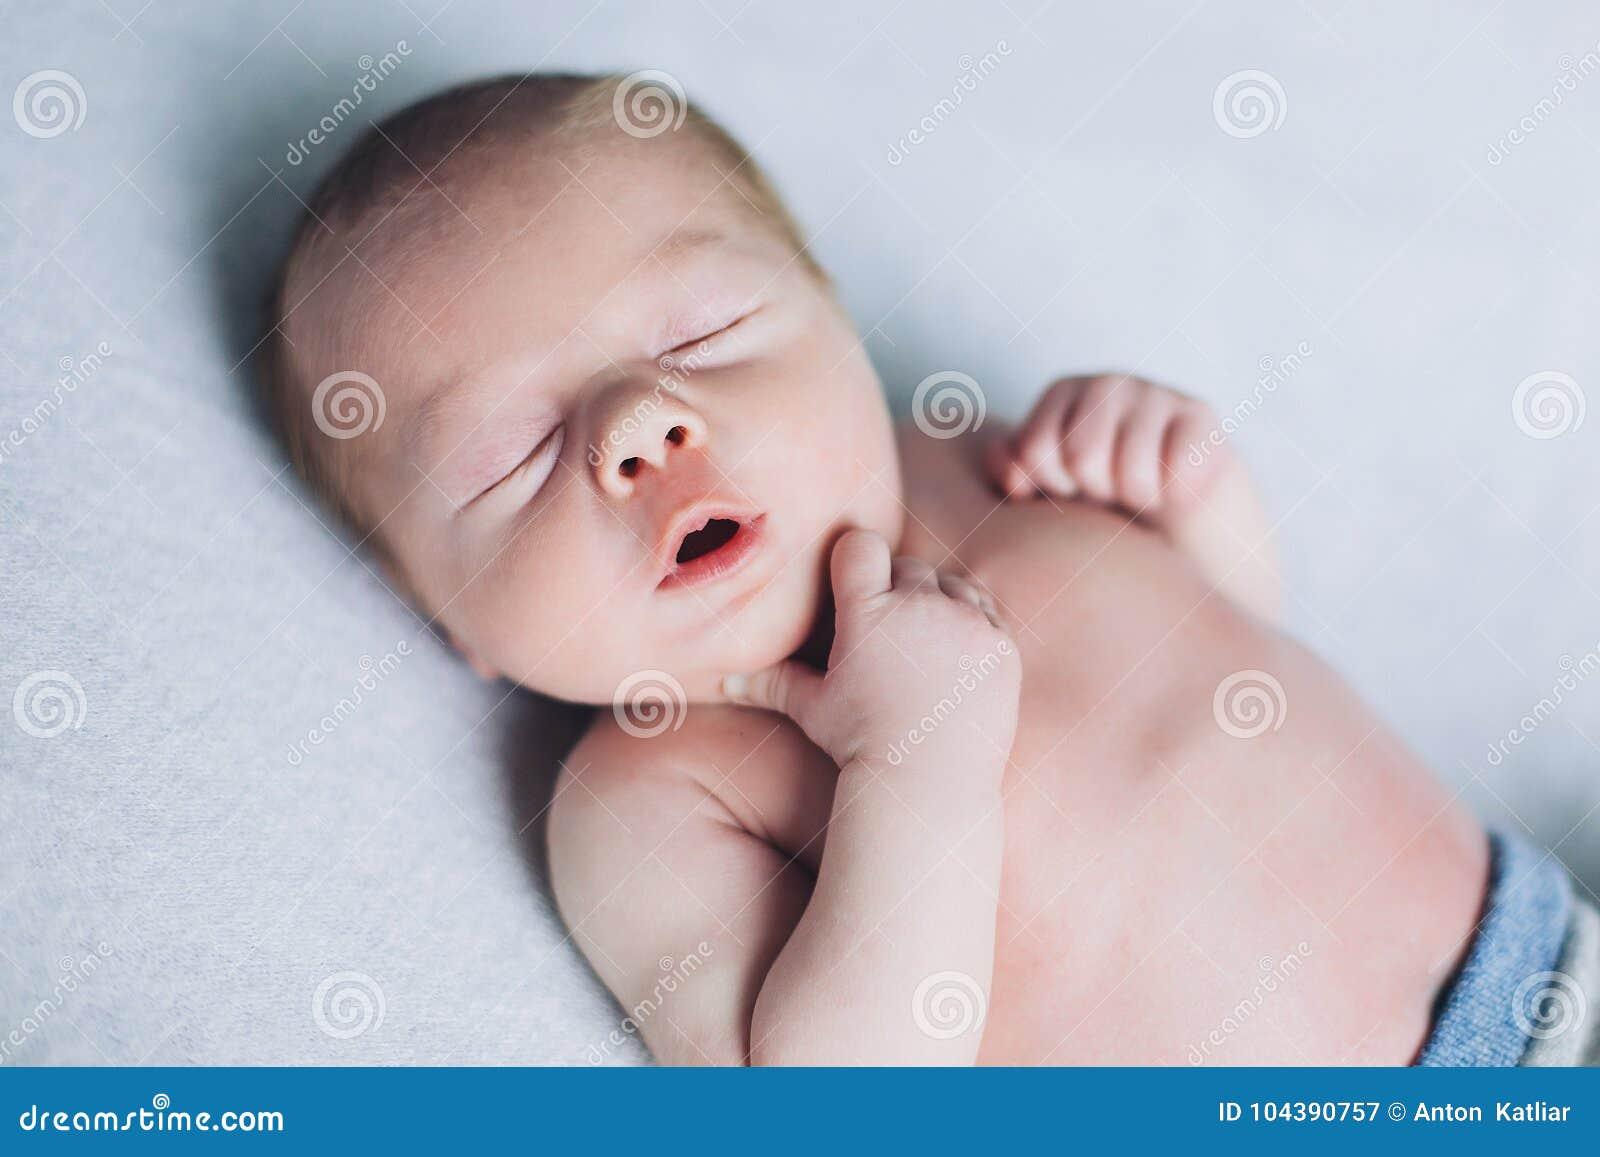 A criança recém-nascida está dormindo, sonhos doces do bebê pequeno, sono saudável, recém-nascido